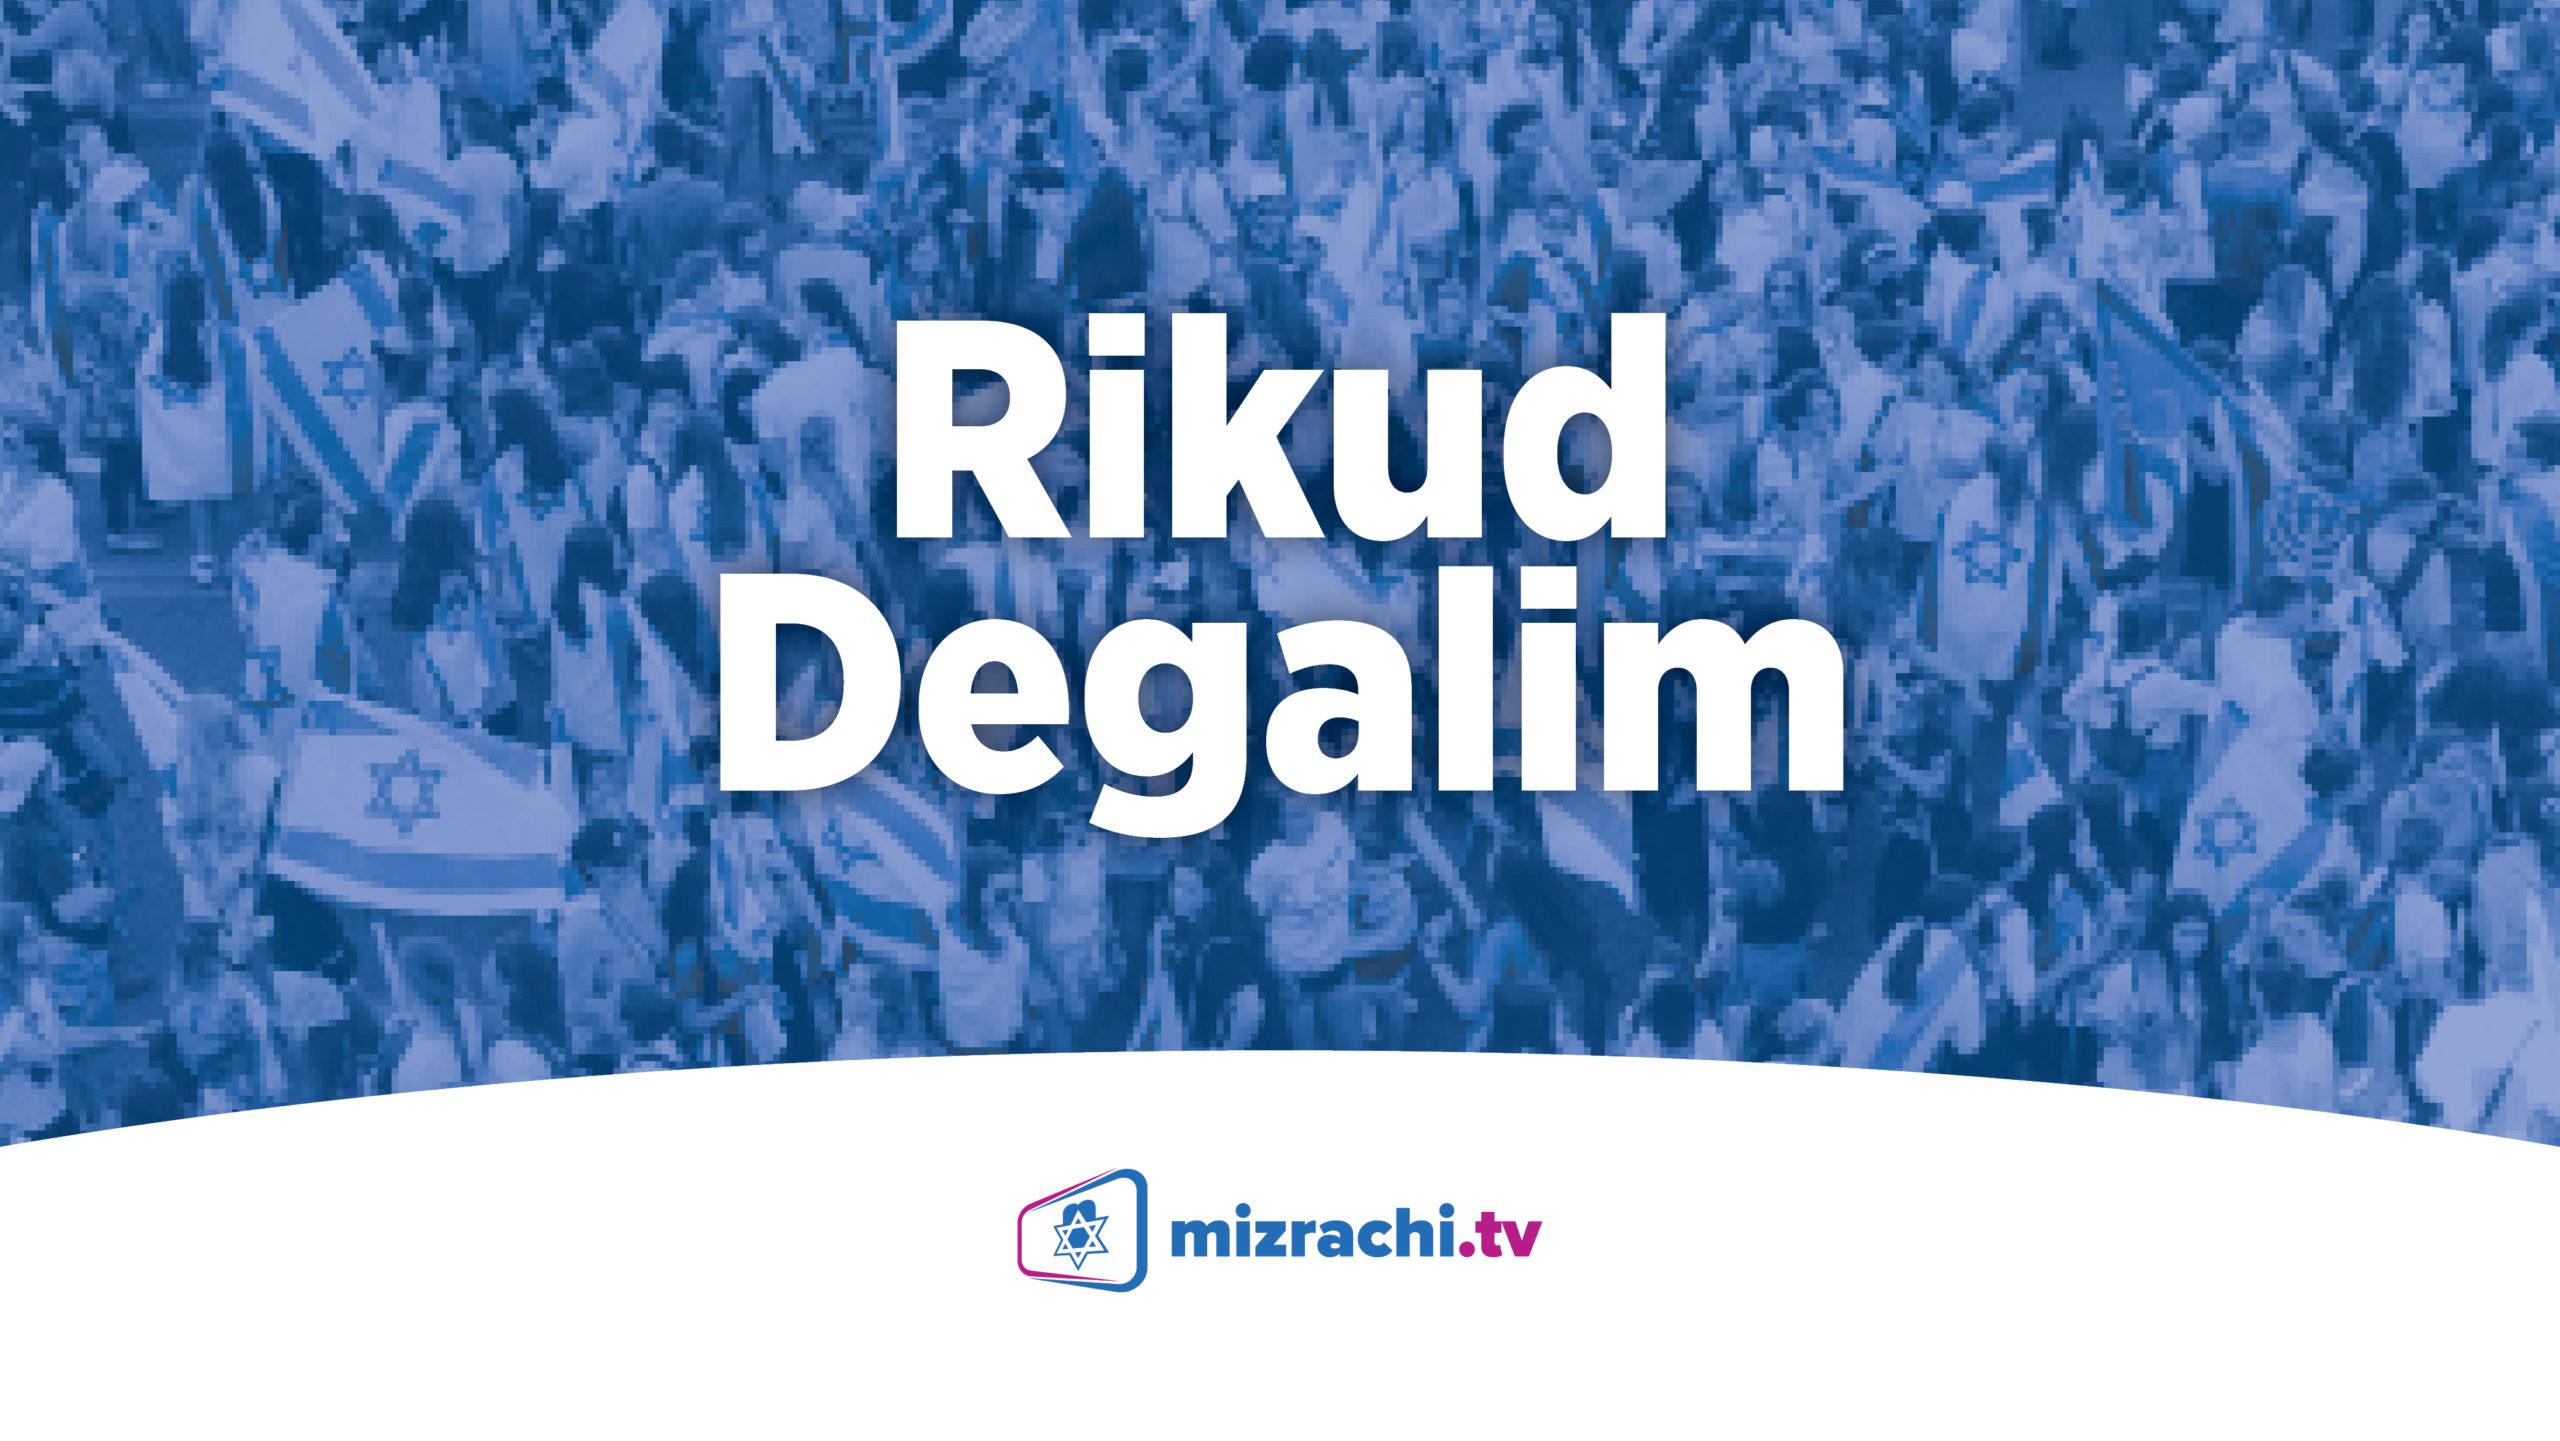 Rikud Degalim